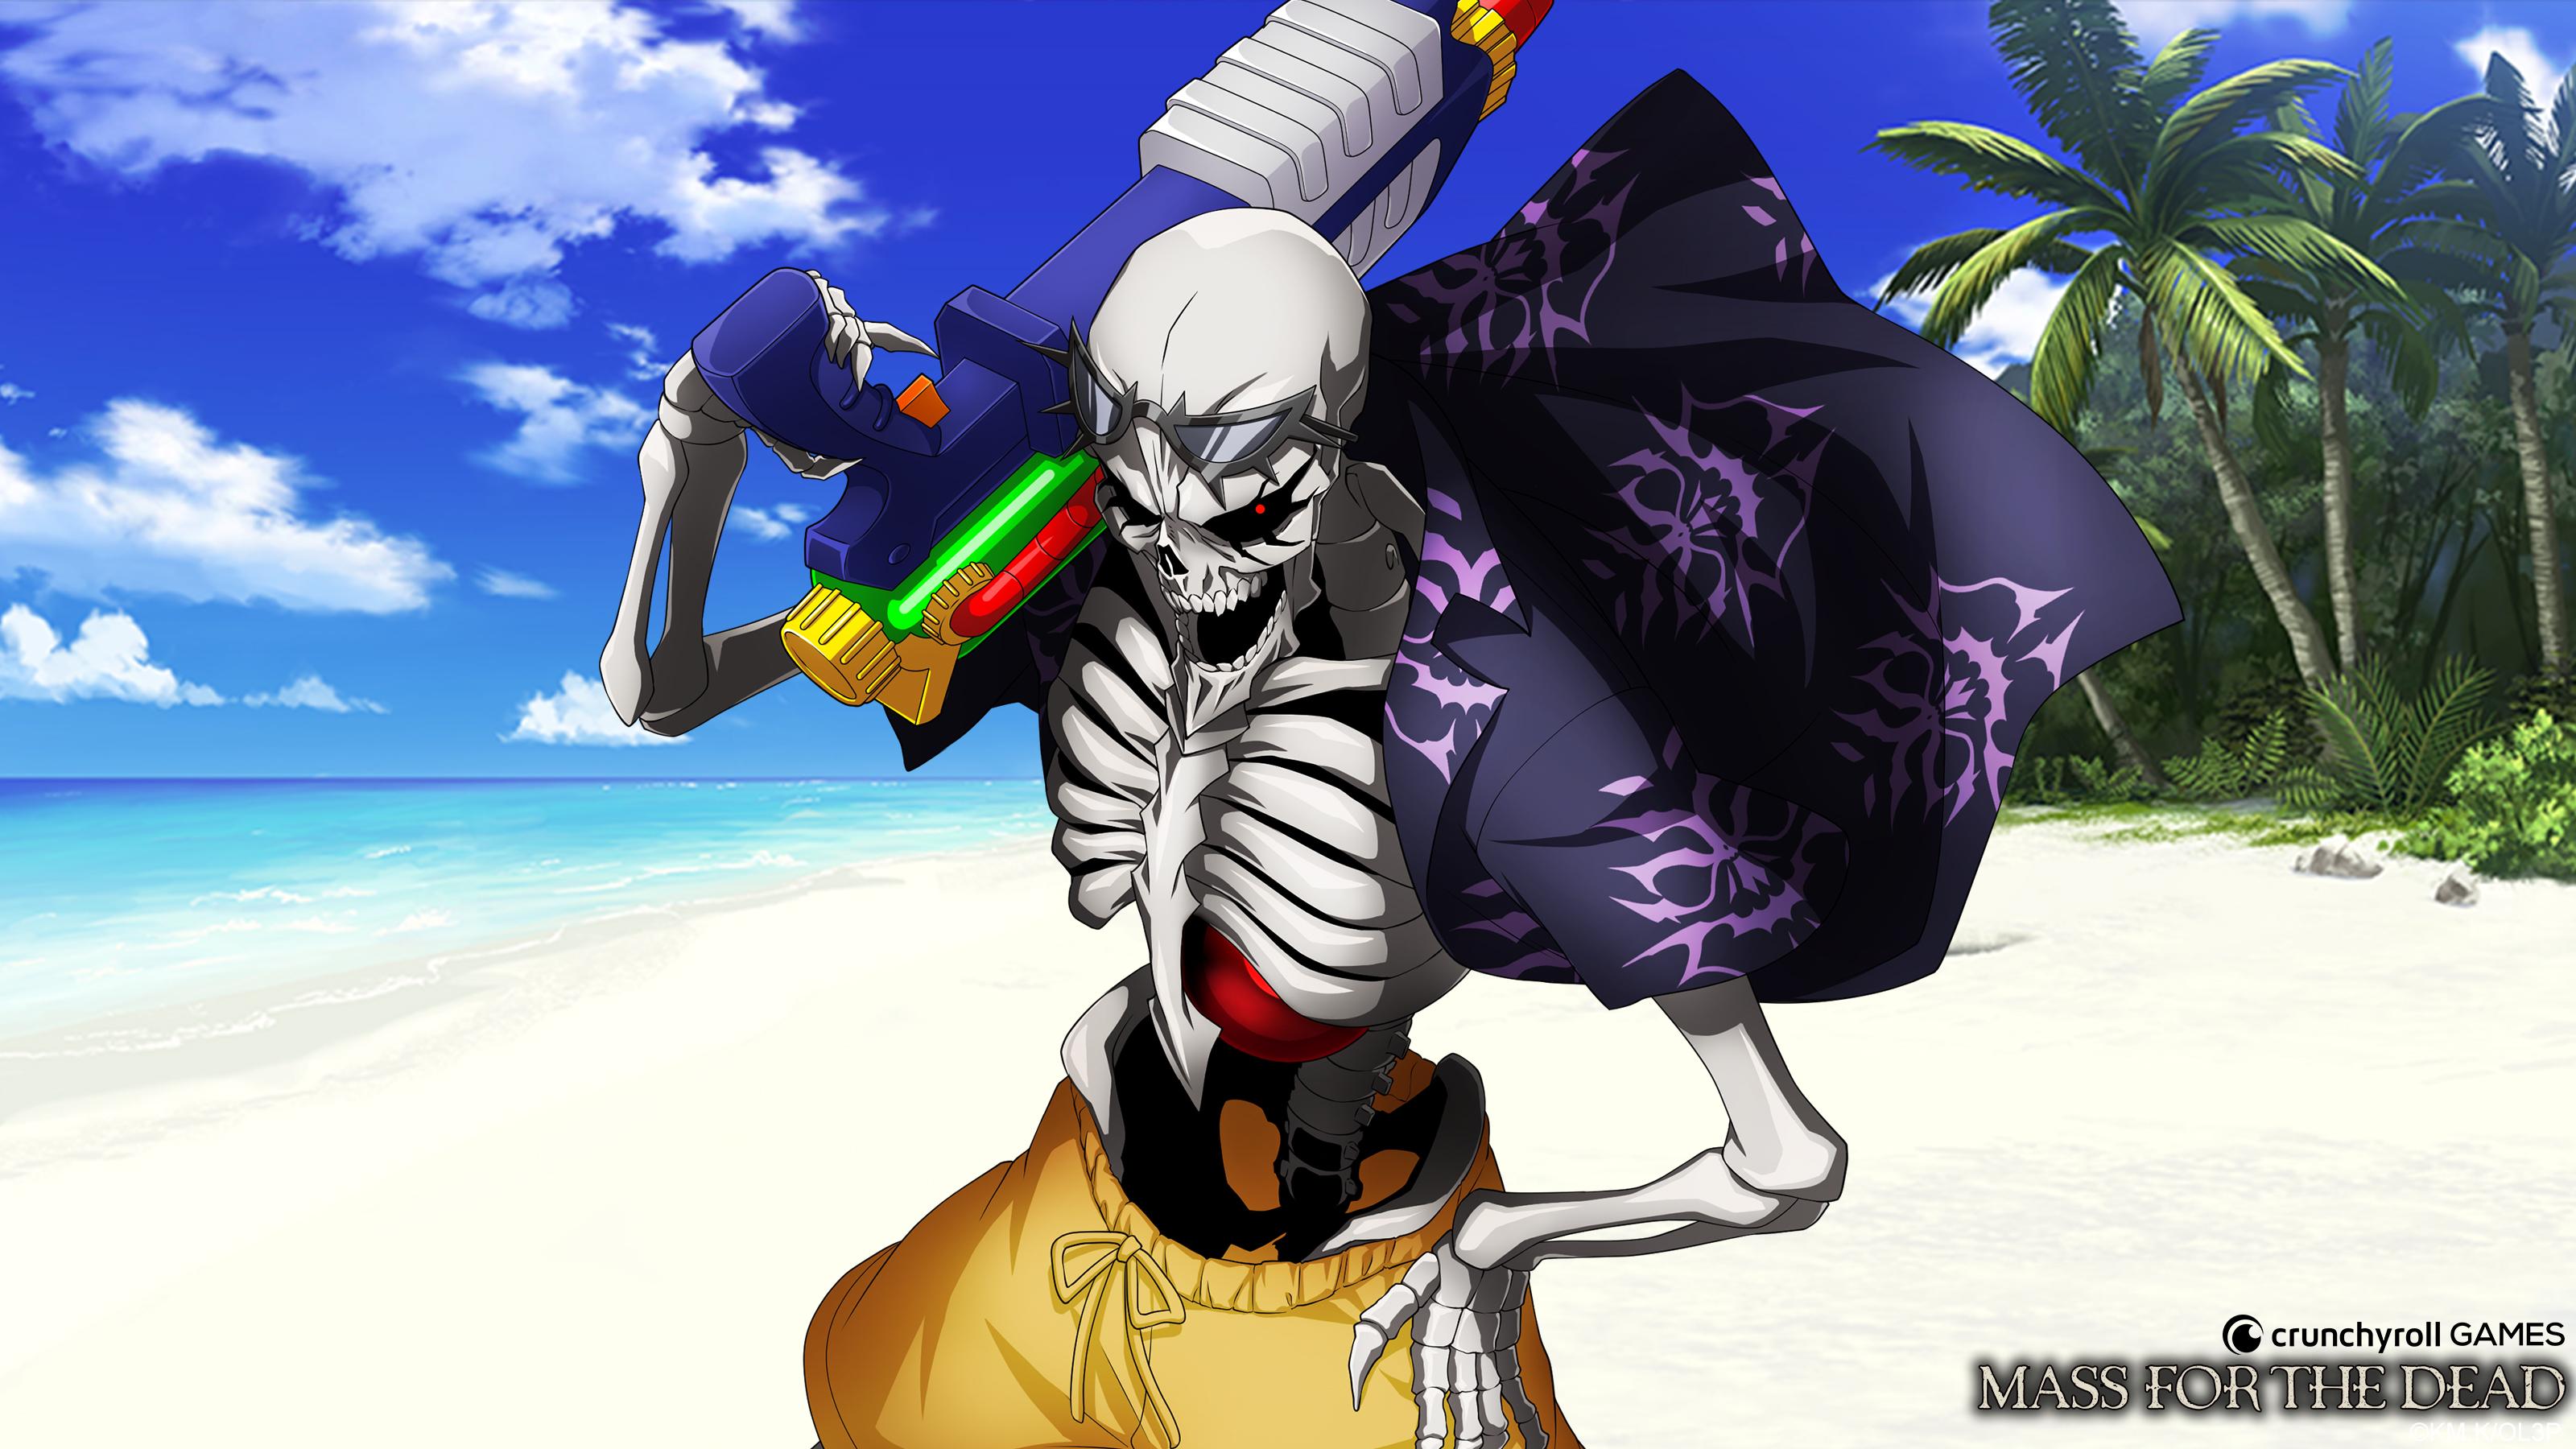 Ainz Ooal Gown Overlord Hd Wallpaper 3079139 Zerochan Anime Image Board